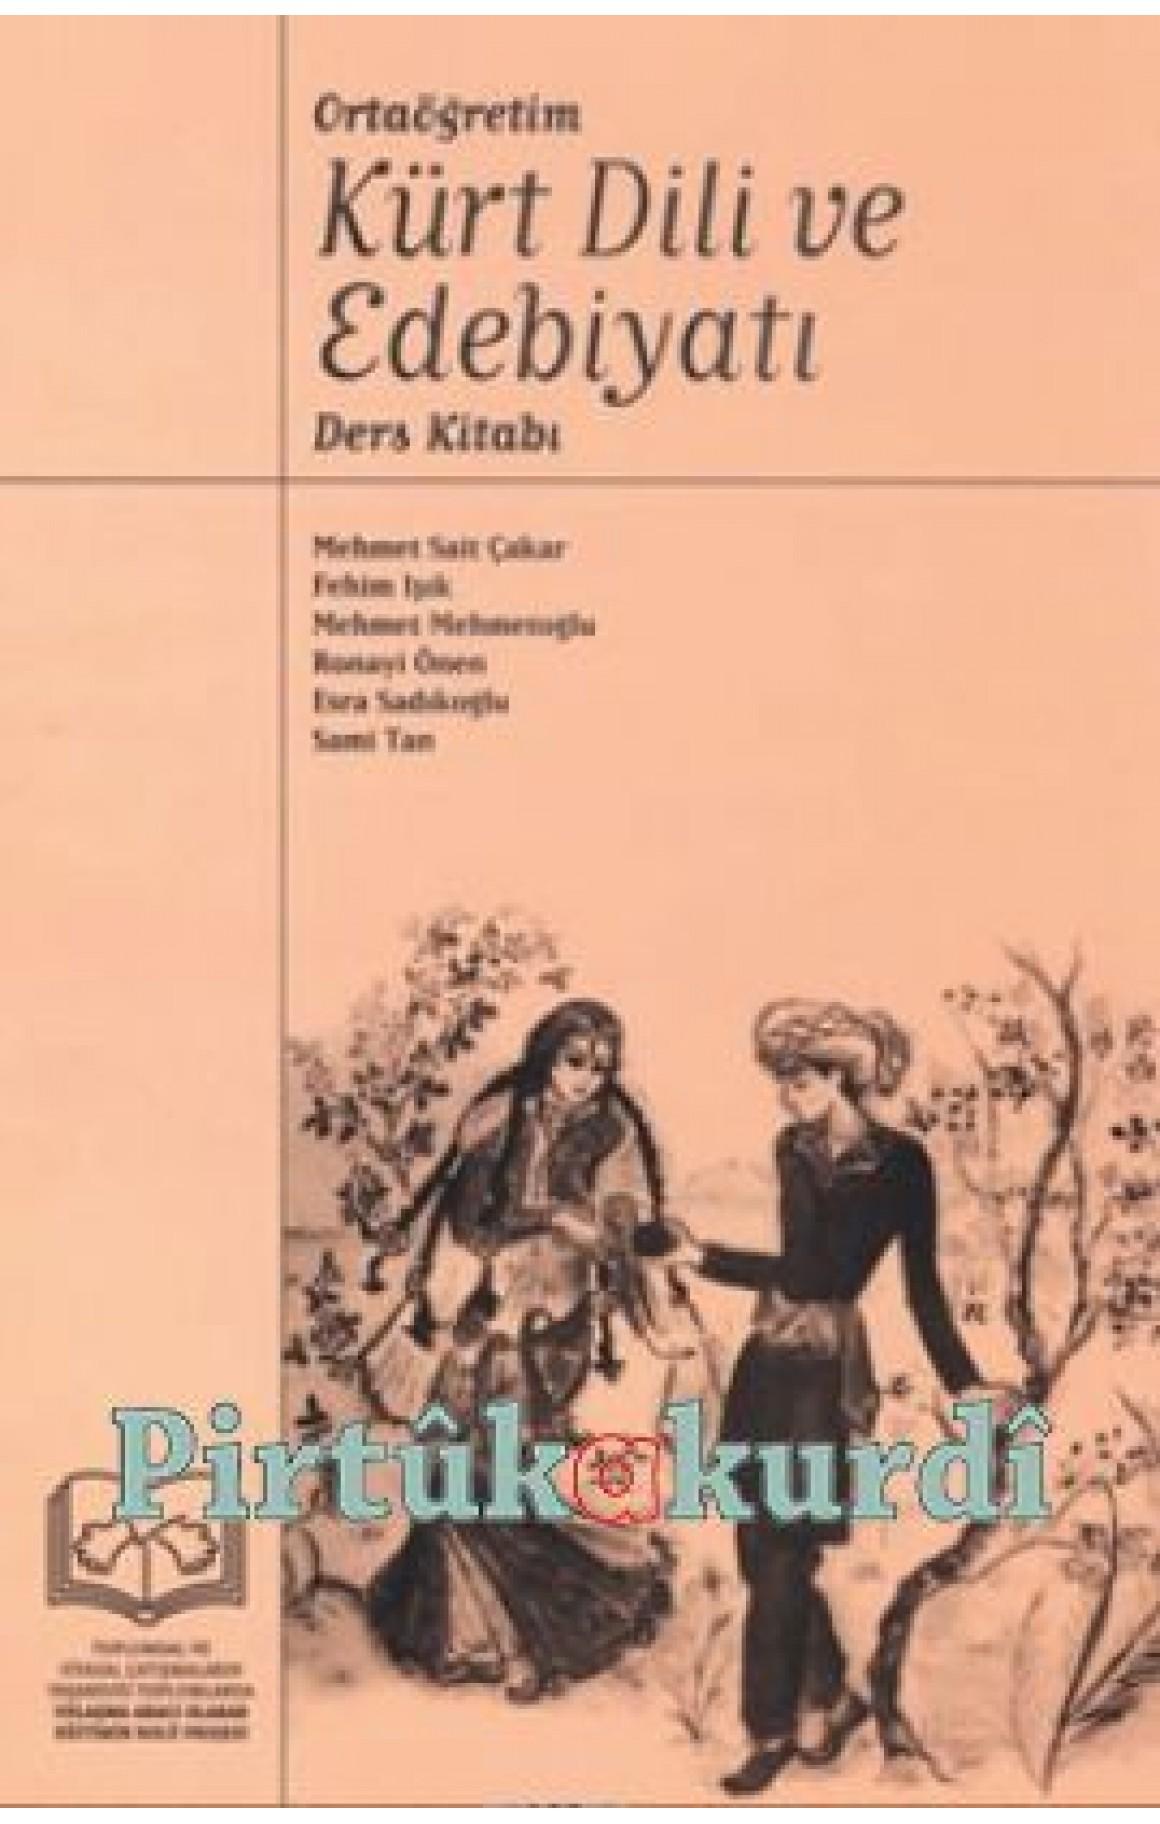 Kürt Dili ve Edebiyatı Ders Kitabı